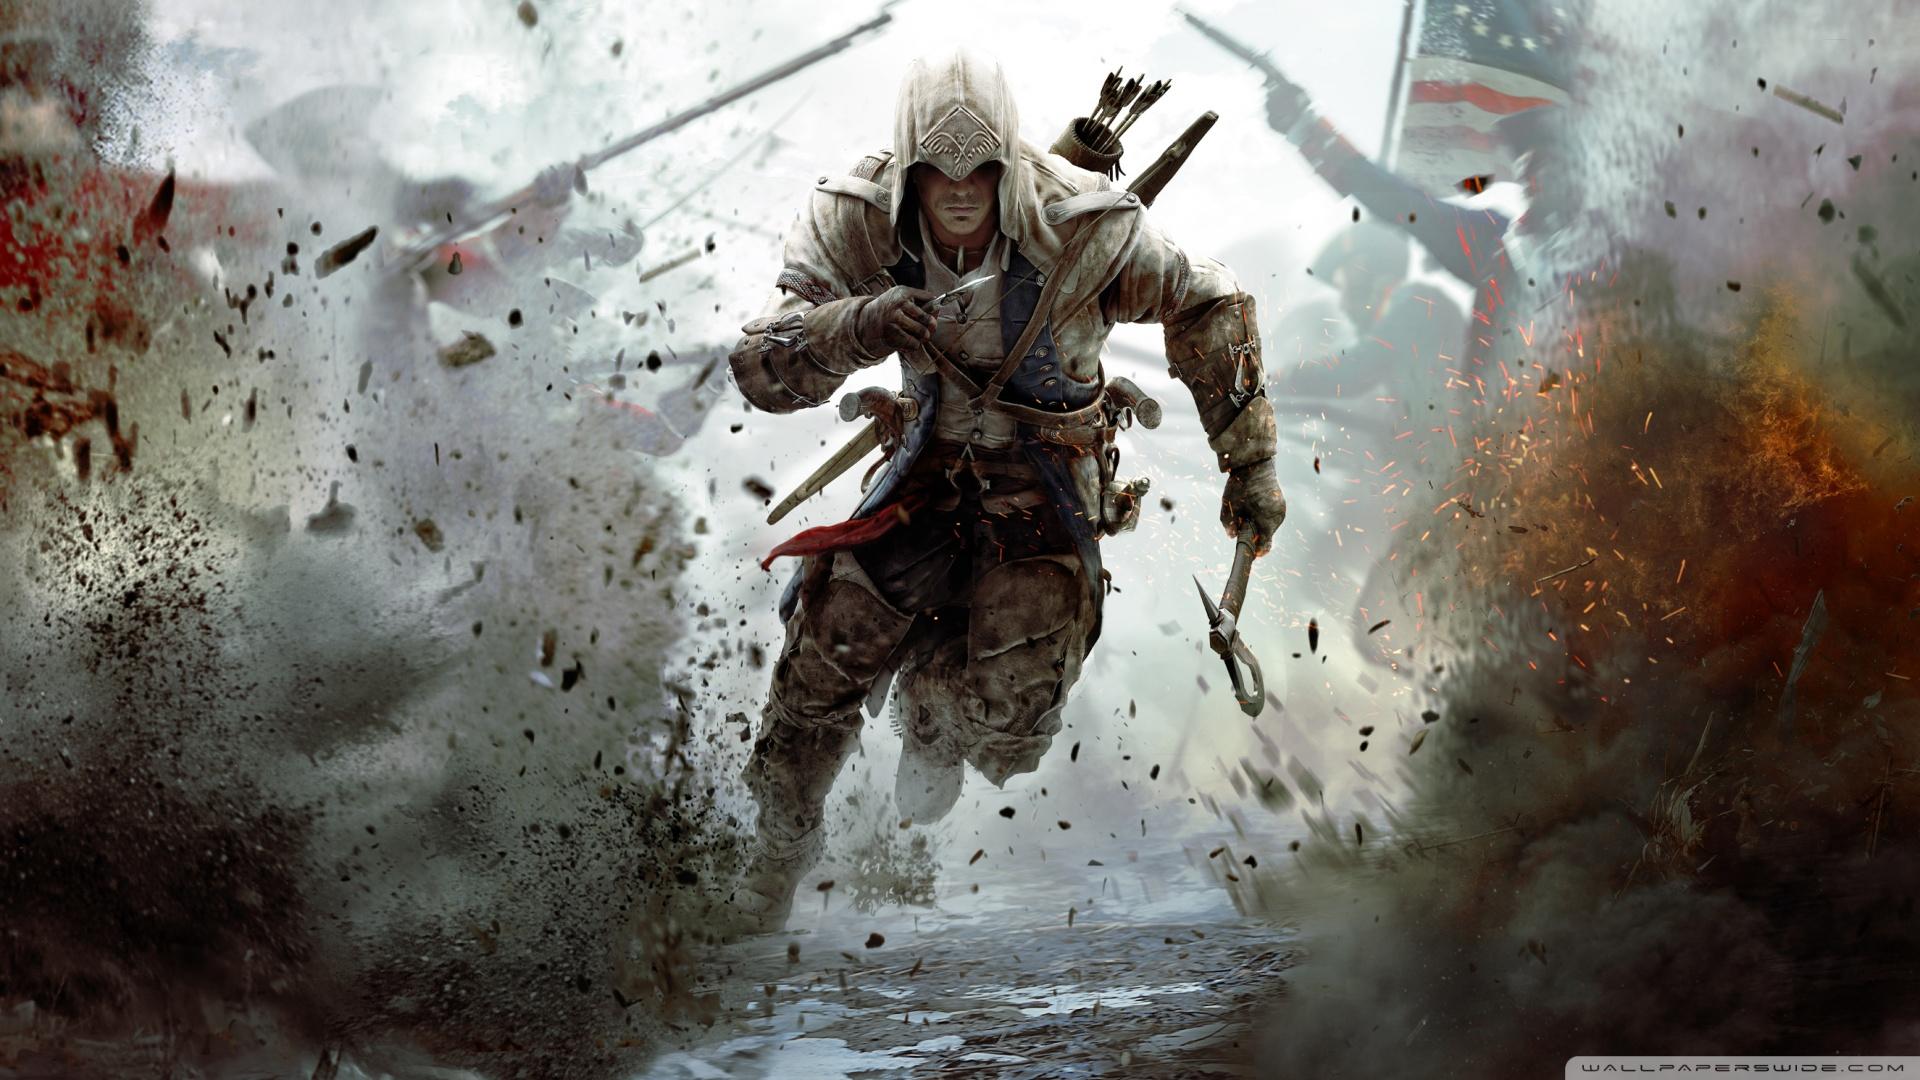 Assassins Creed 3 Connor Running Wallpaper 1920x1080 Assassins 1920x1080